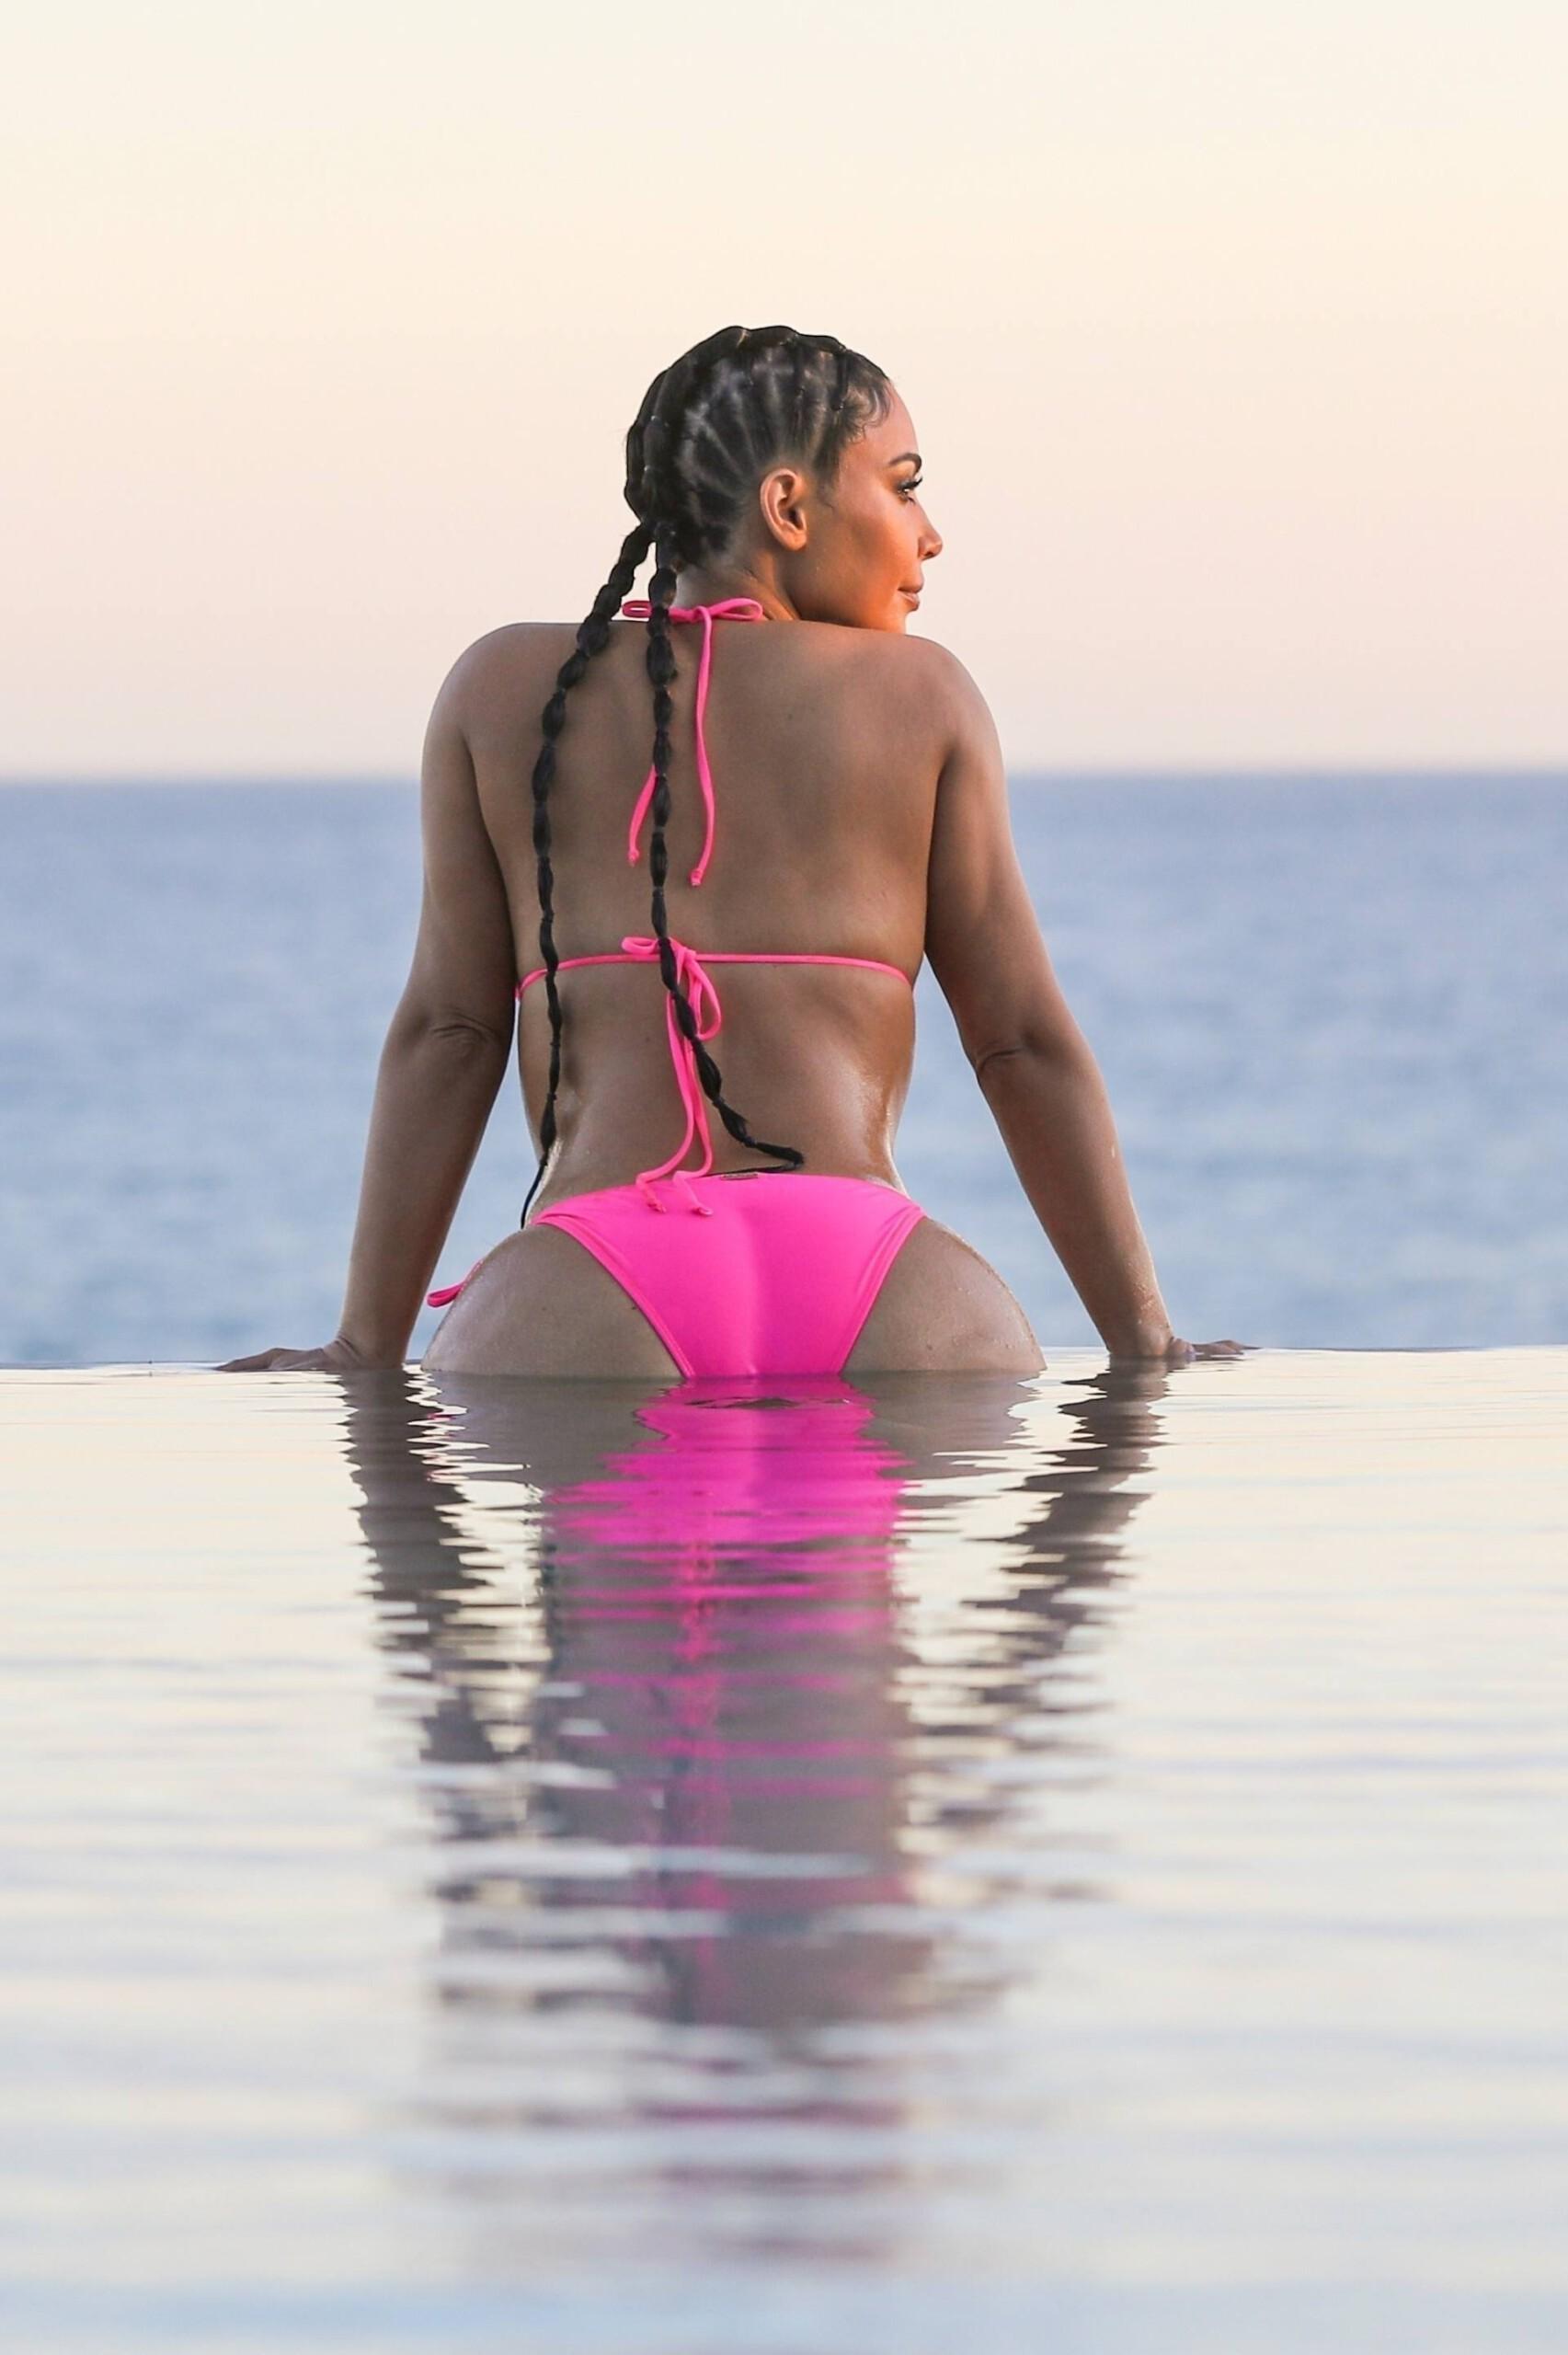 Kim Kardashian Hot Curves In Bikini